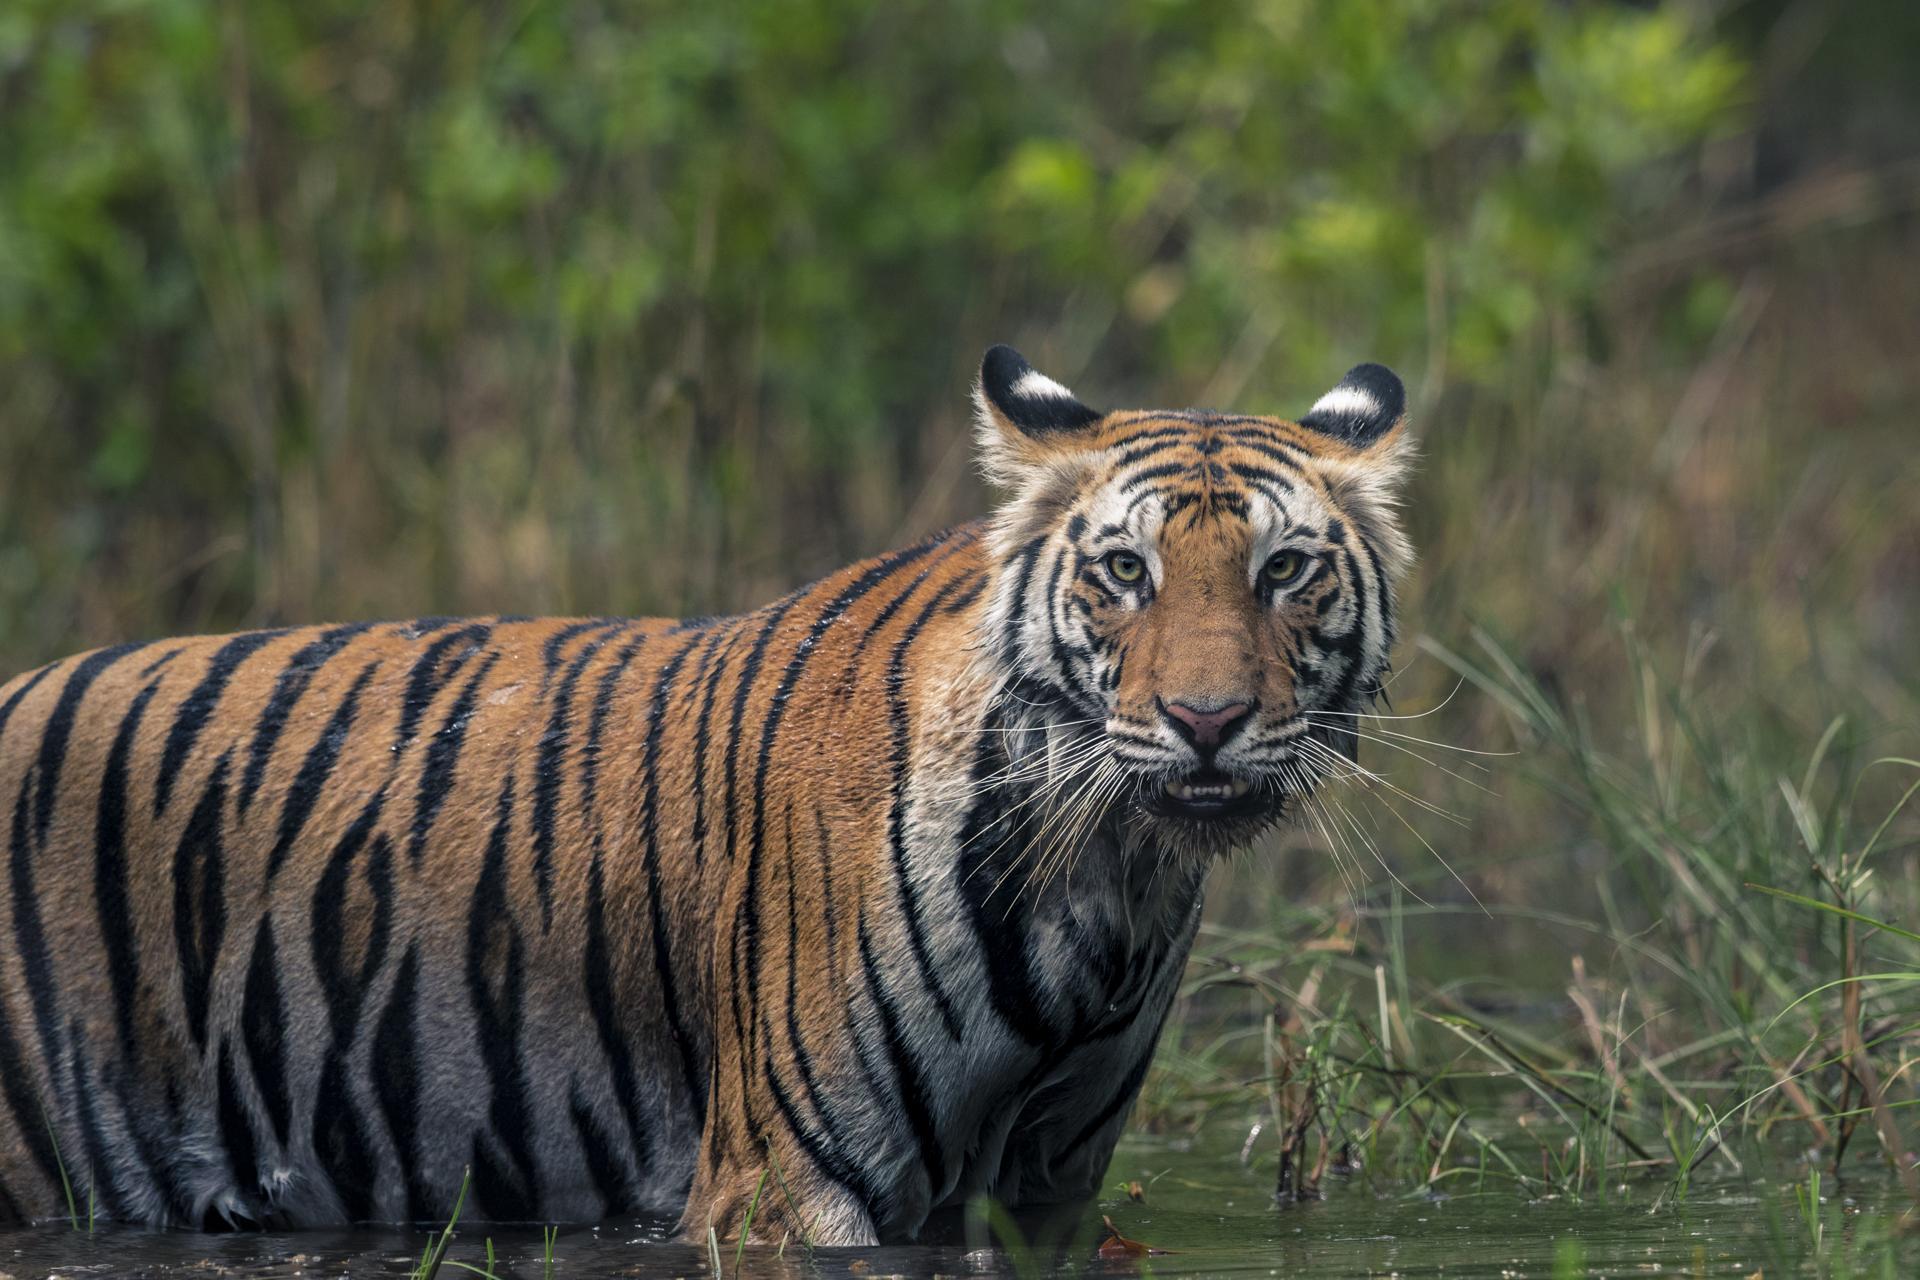 Ankit_Kumar_Tiger_Photo.jpg